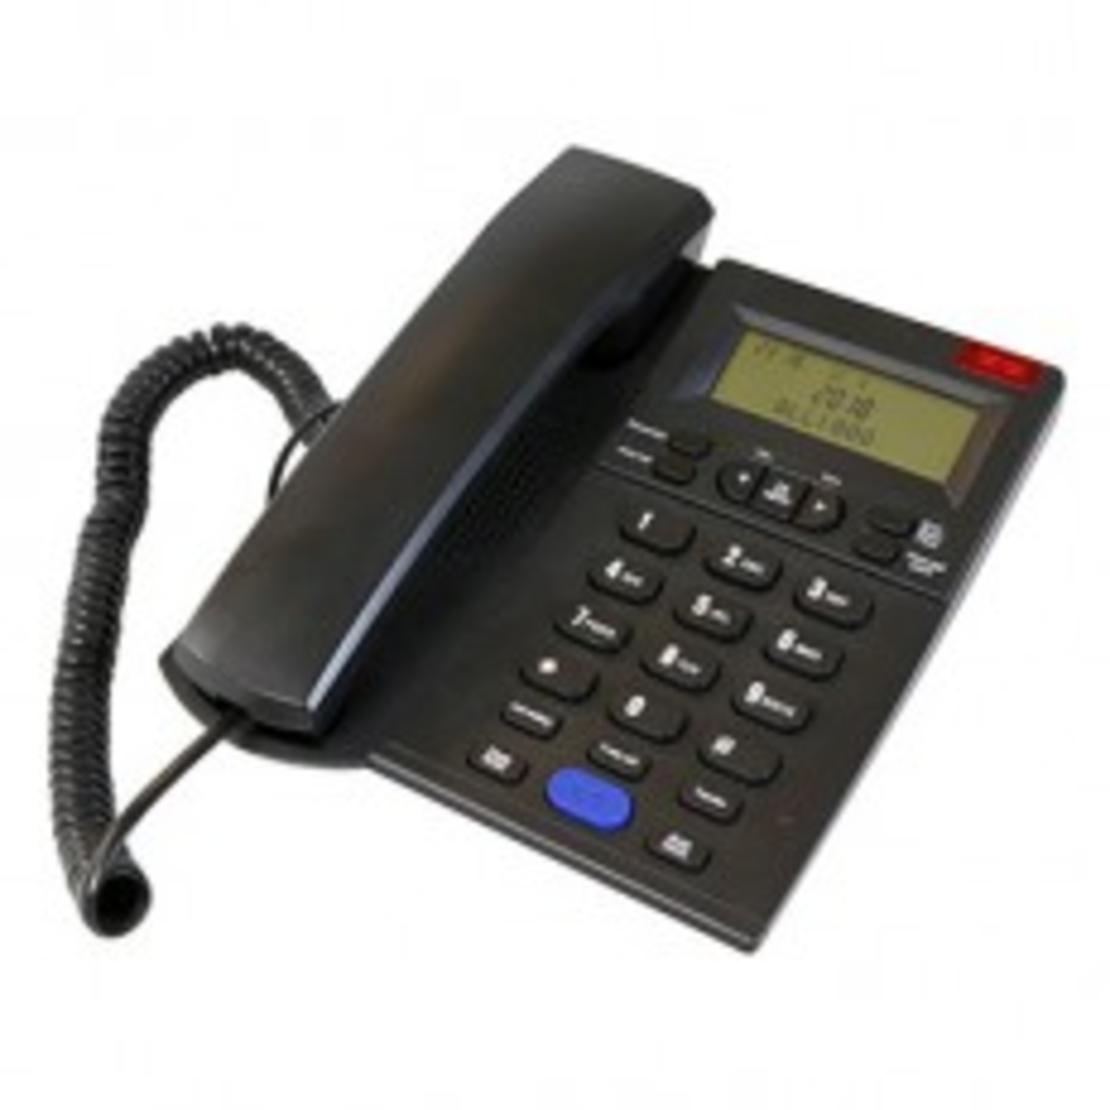 טלפון משרדי  דקורטיבי שחור HYUNDAI HDT-2600B